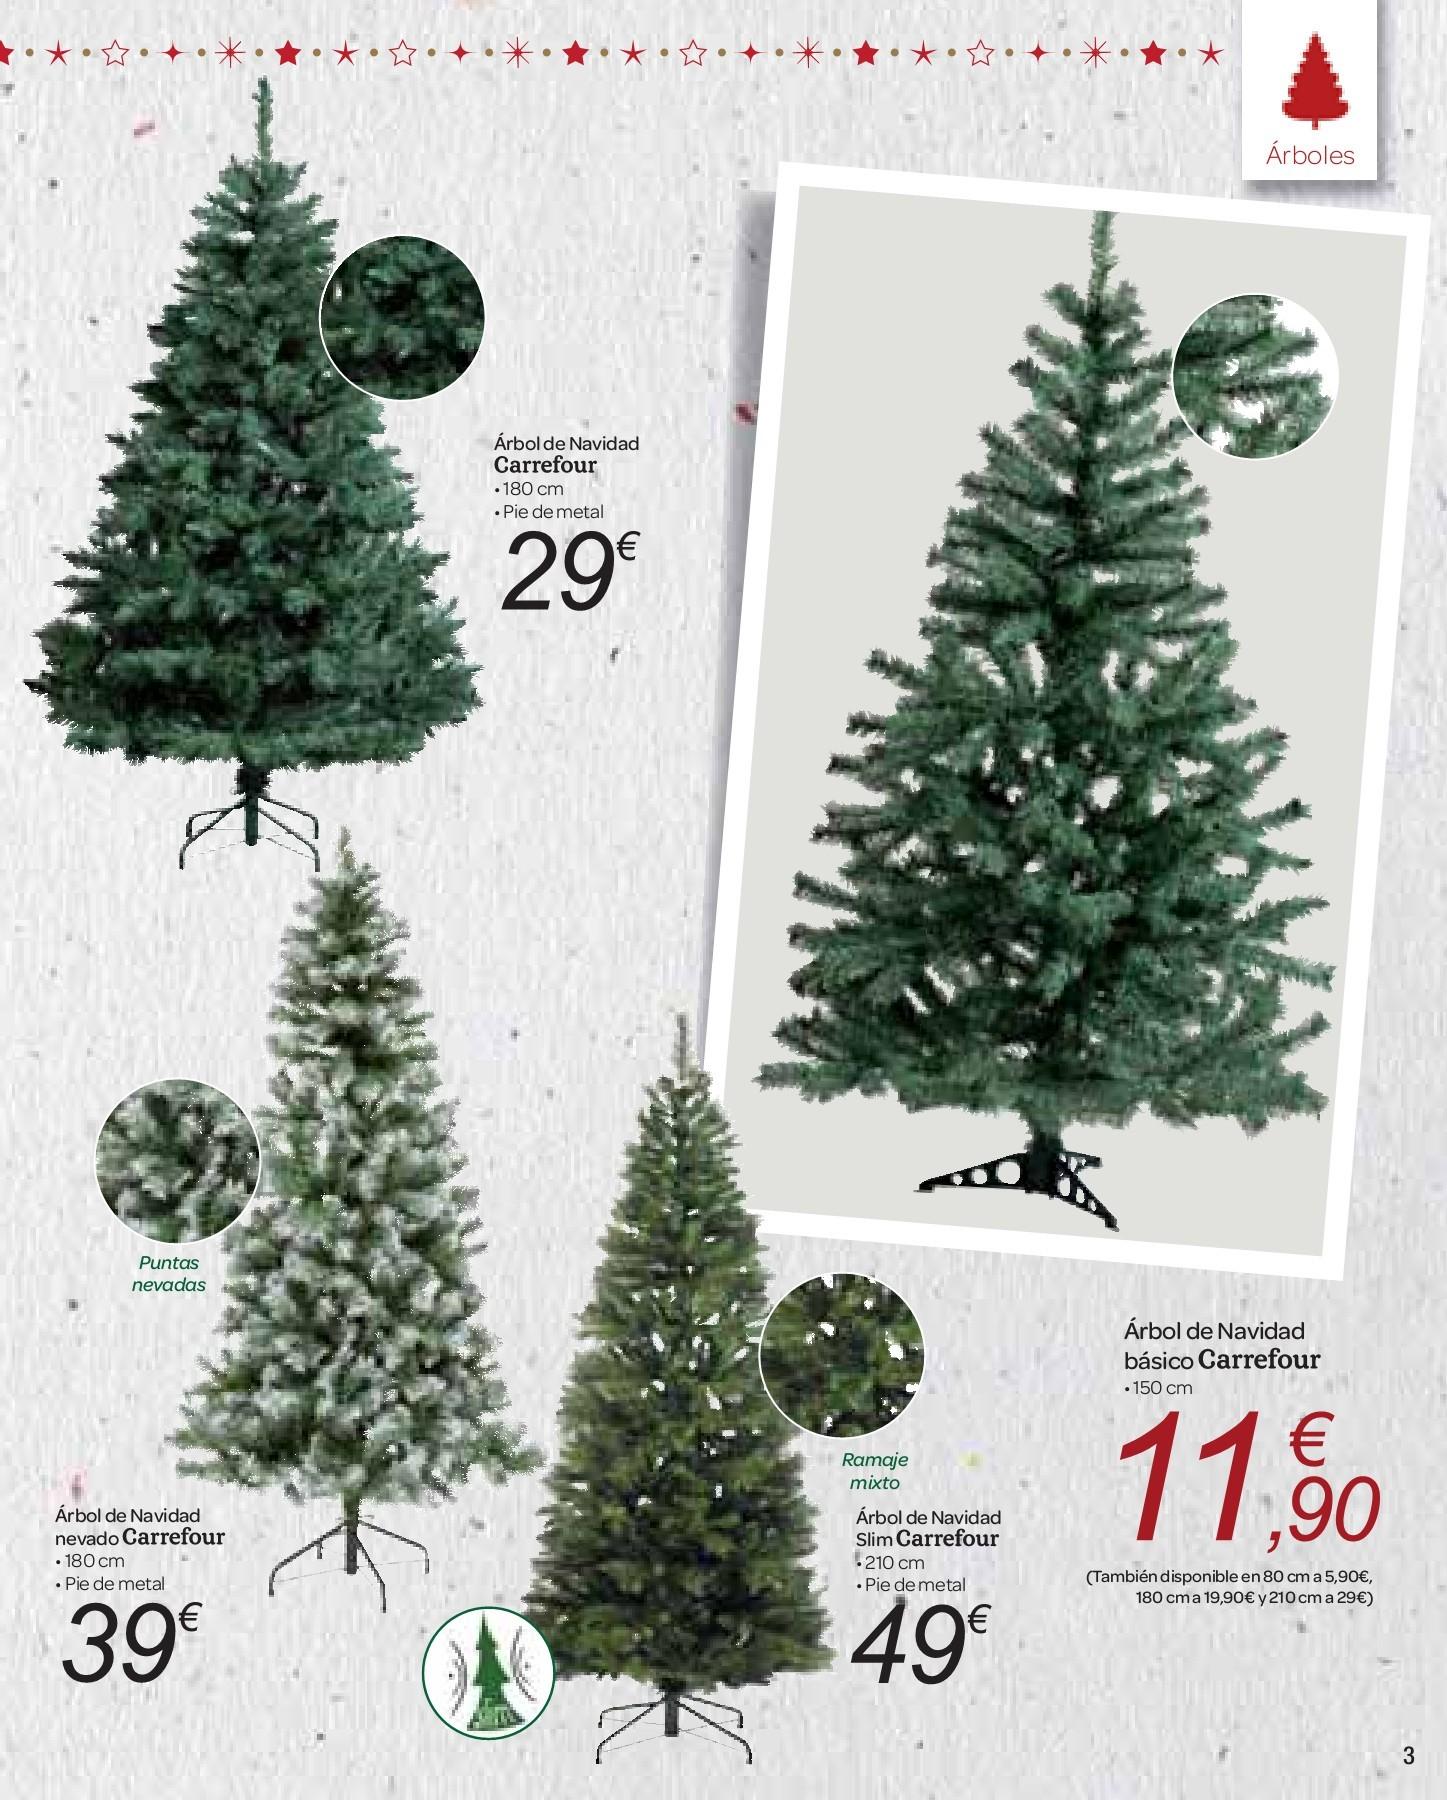 Carrefour Decora Tu Navidad Del 14 11 2014 Flip Book Pages 1 16 Pubhtml5